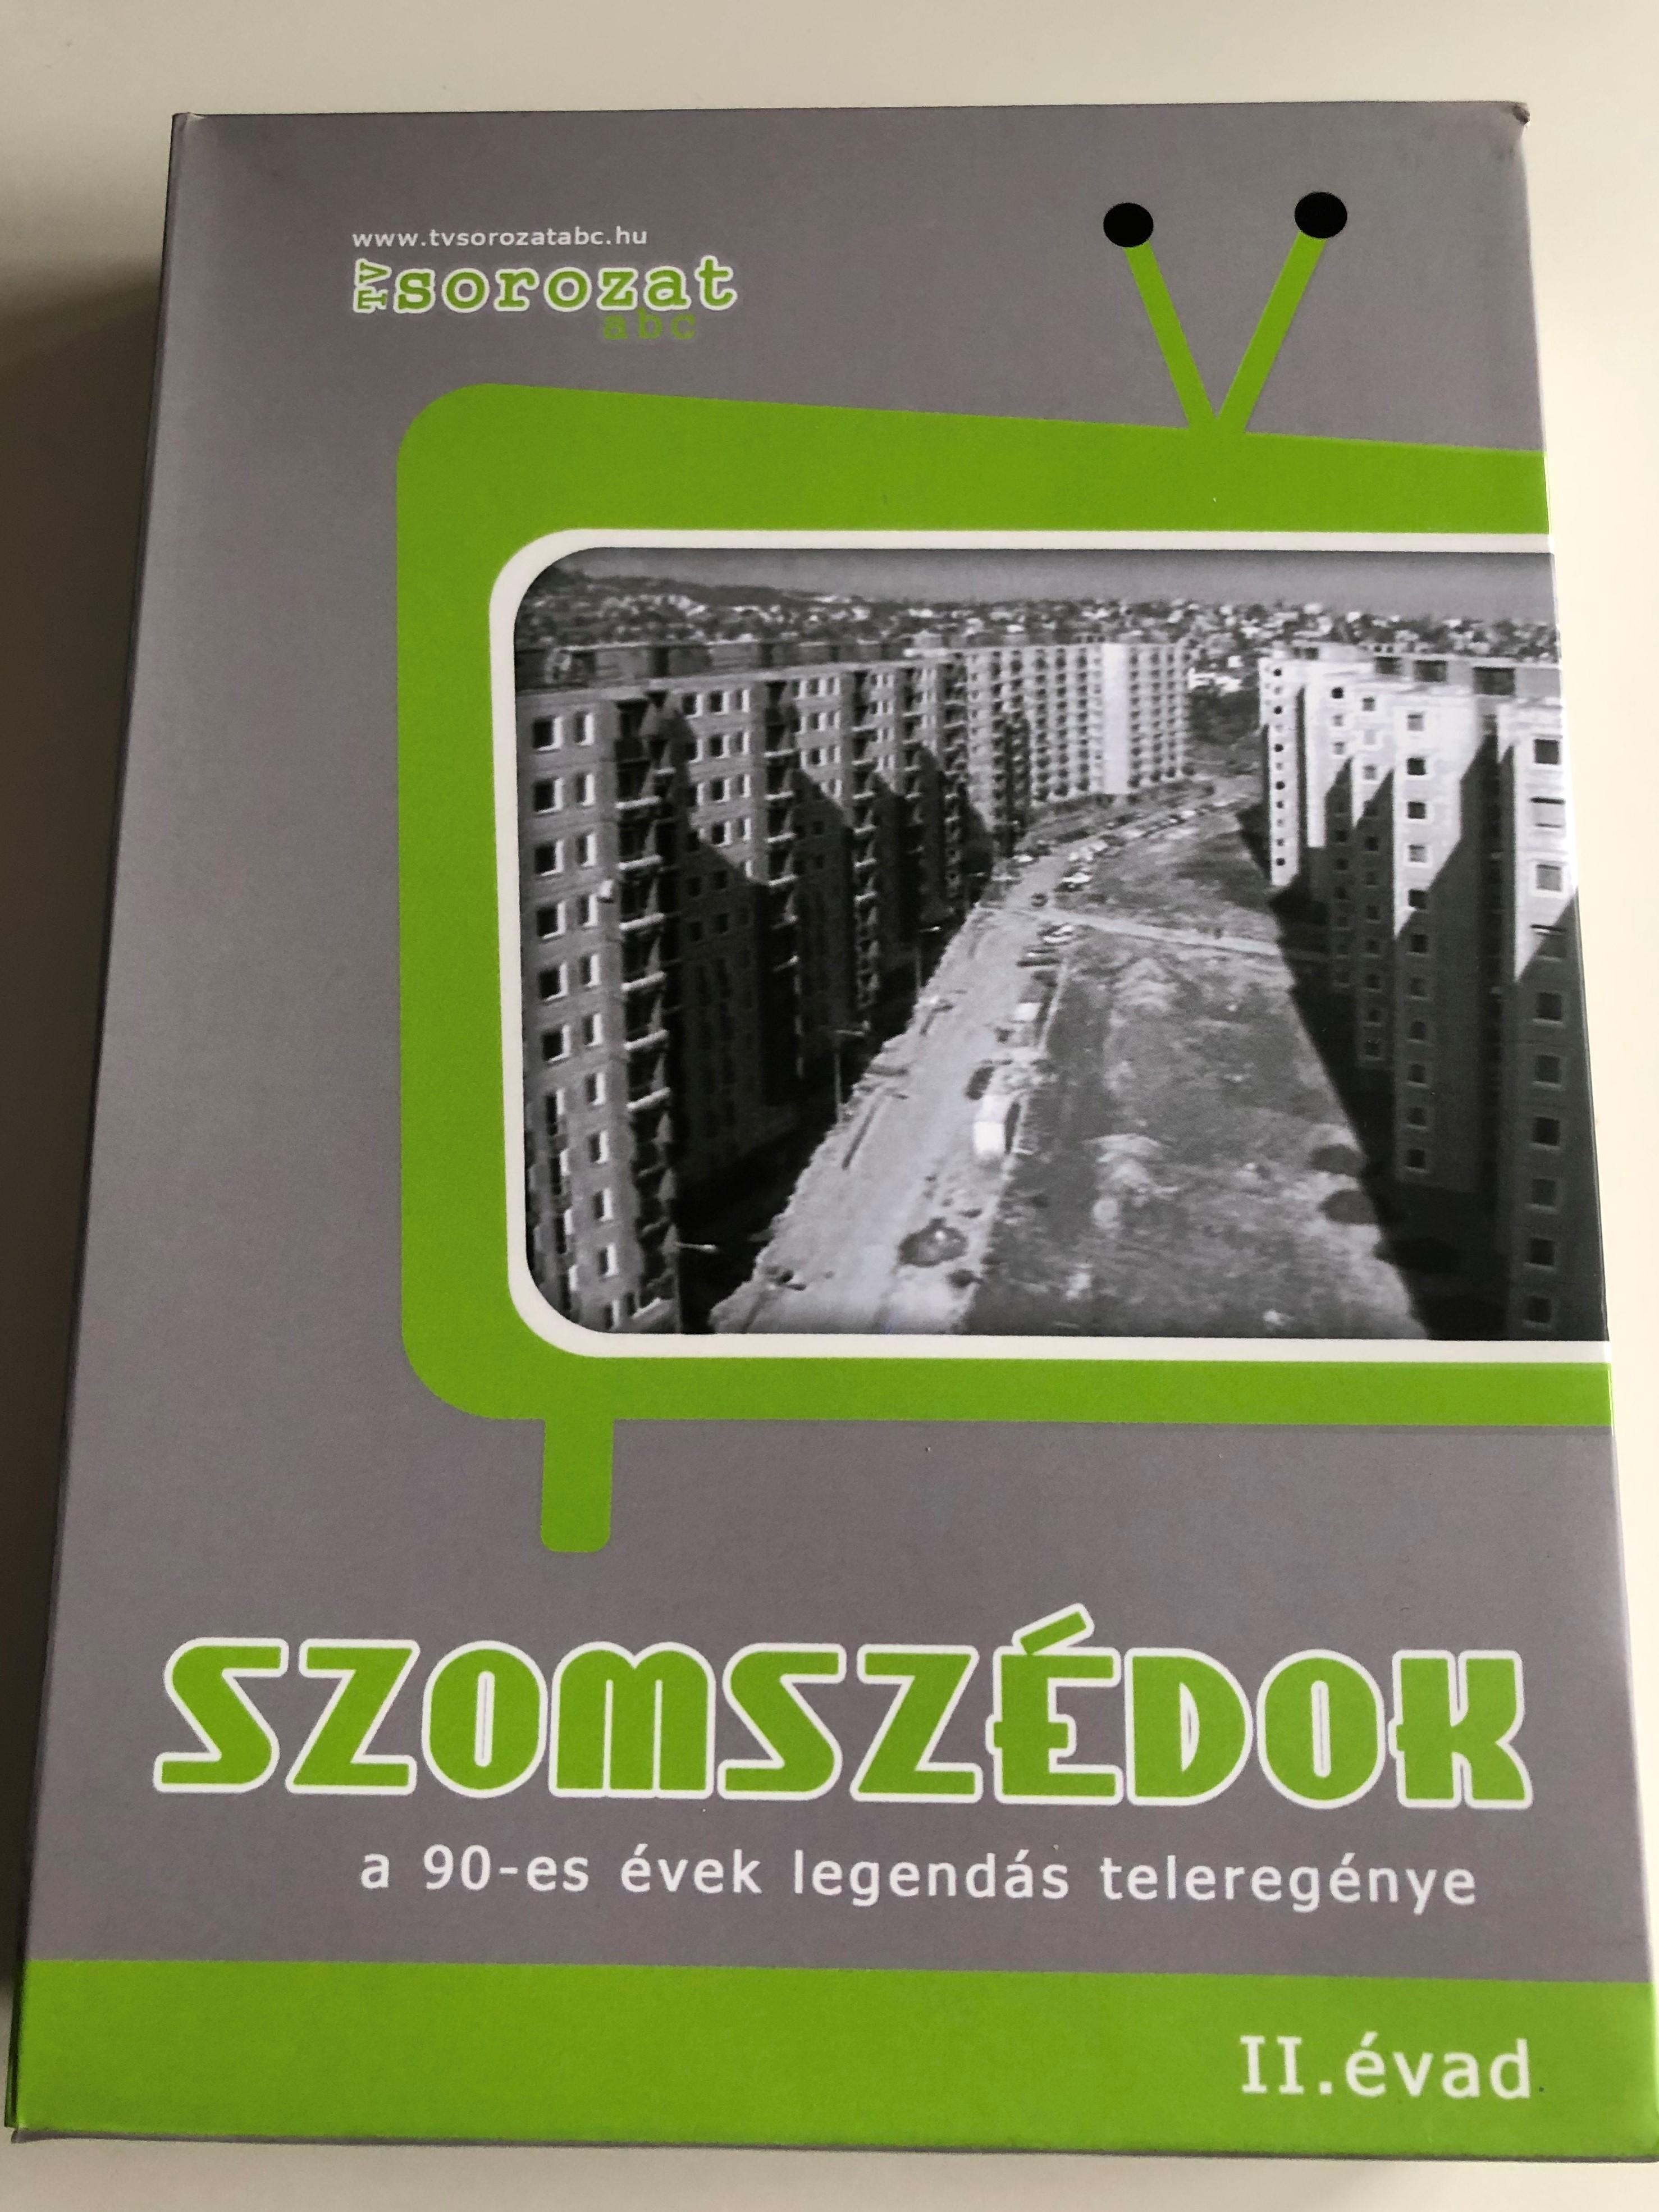 szomsz-dok-teljes-2.-vad-19-44-r-sz-4x-dvd-neighbours-1.jpg